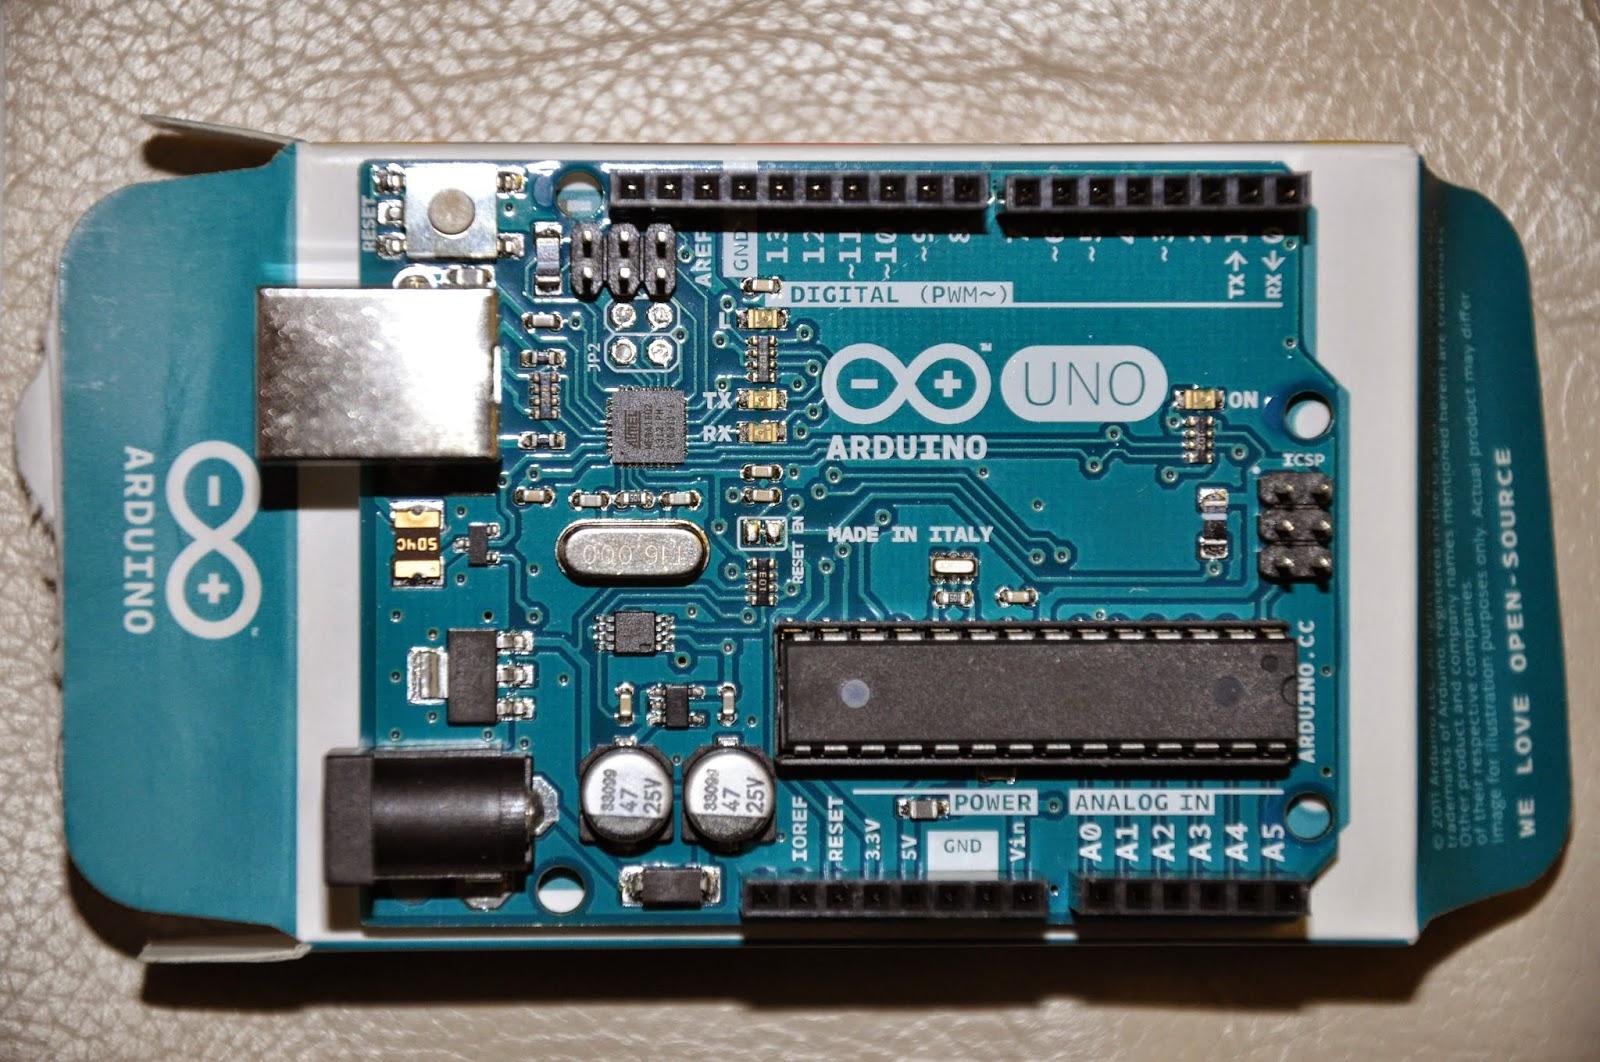 Arduino R3 - Front